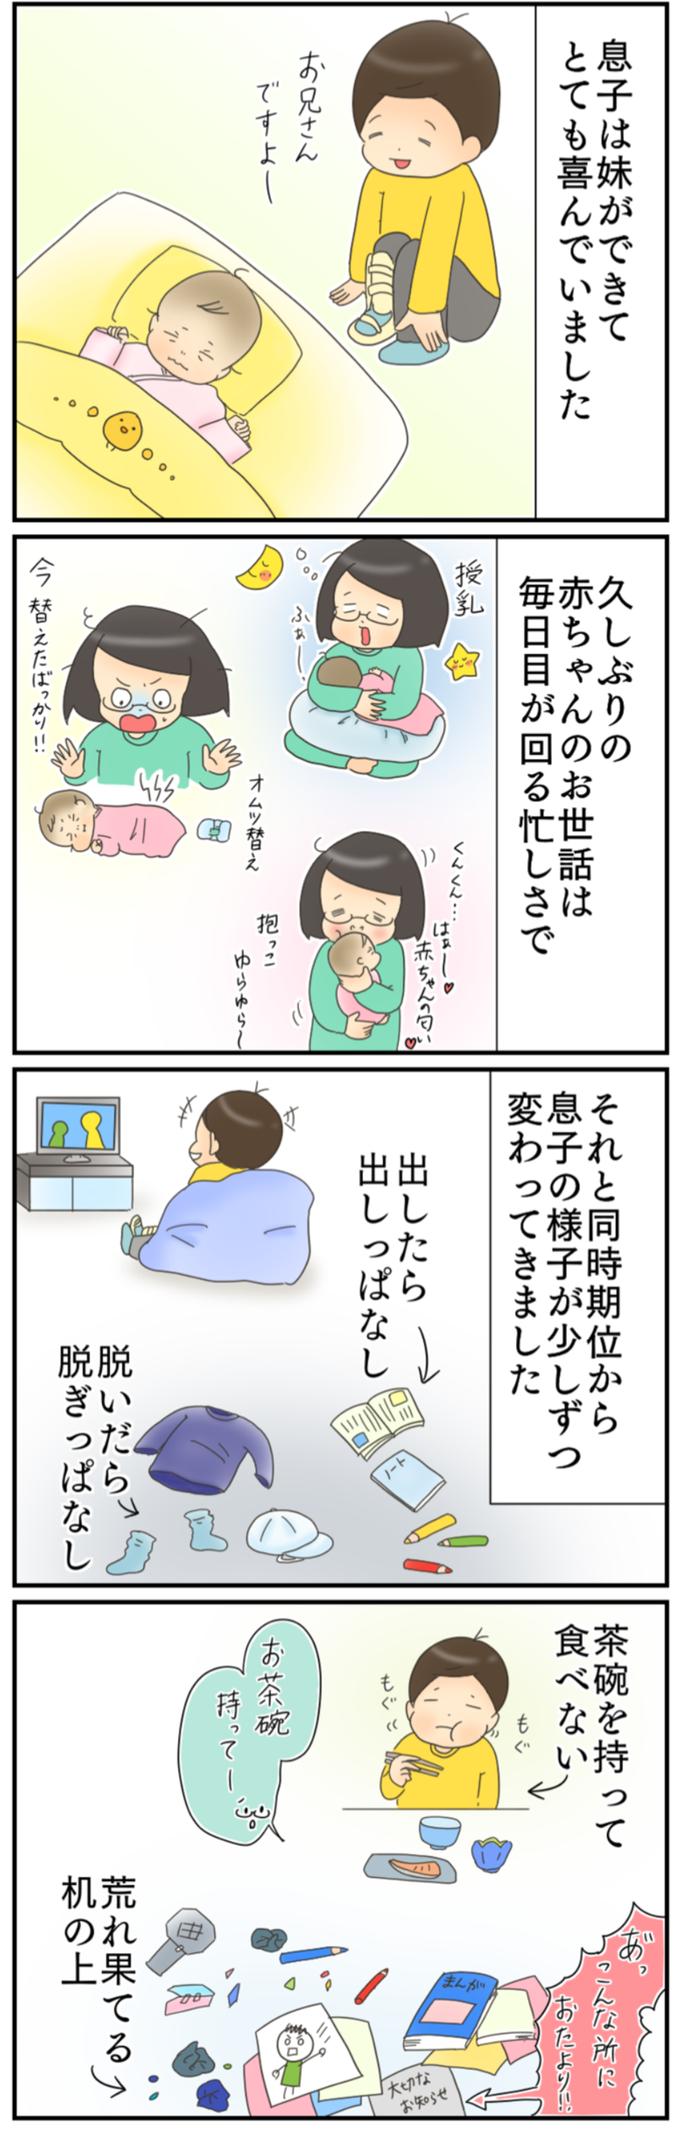 妹が生まれ、息子に変化が!?/食べても太らぬ子どもたち…人気記事4選!の画像1